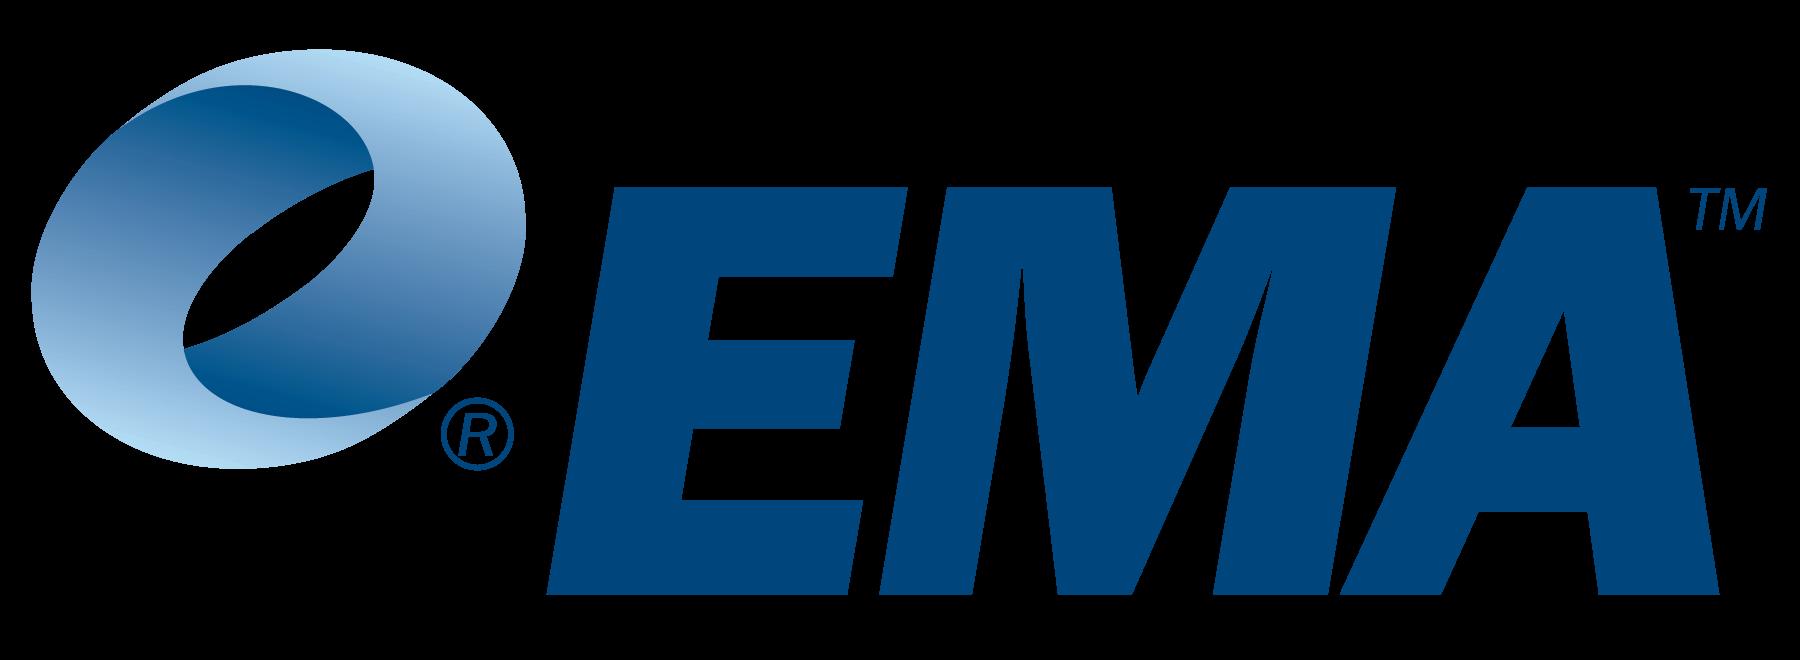 Enterprise Management Associates